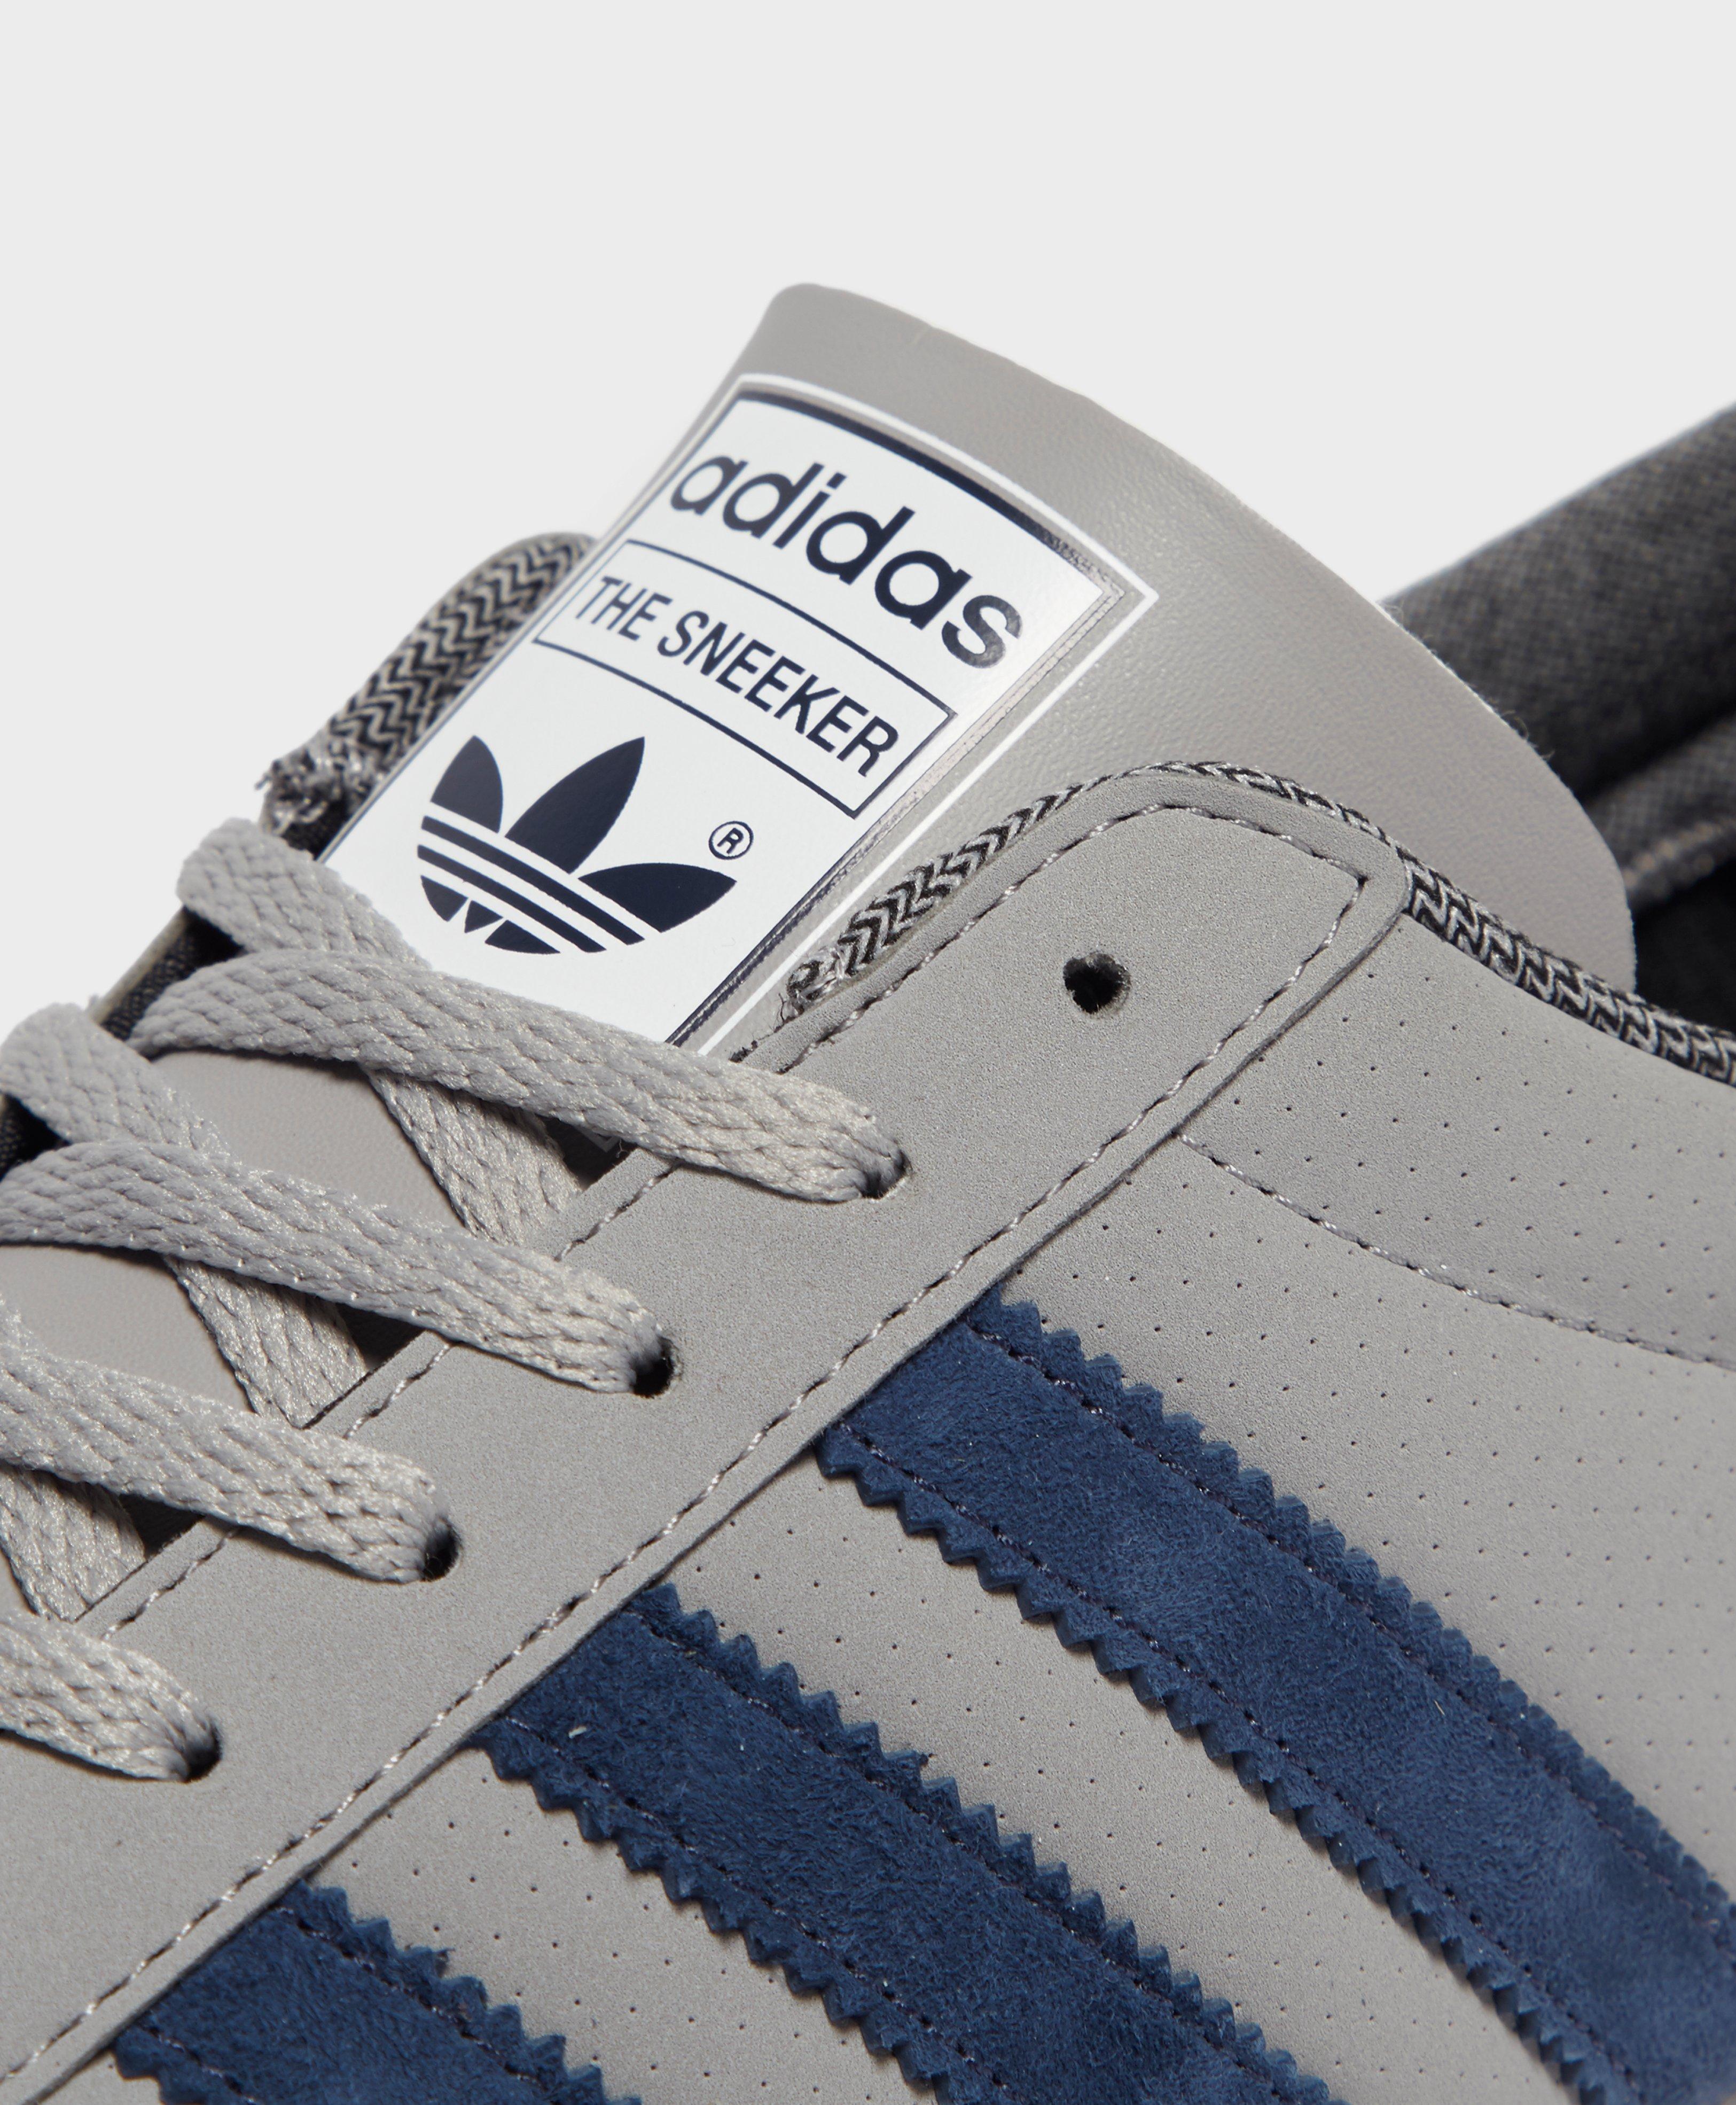 presupuesto Encadenar Escepticismo  adidas Originals Leather The Sneeker for Men - Lyst